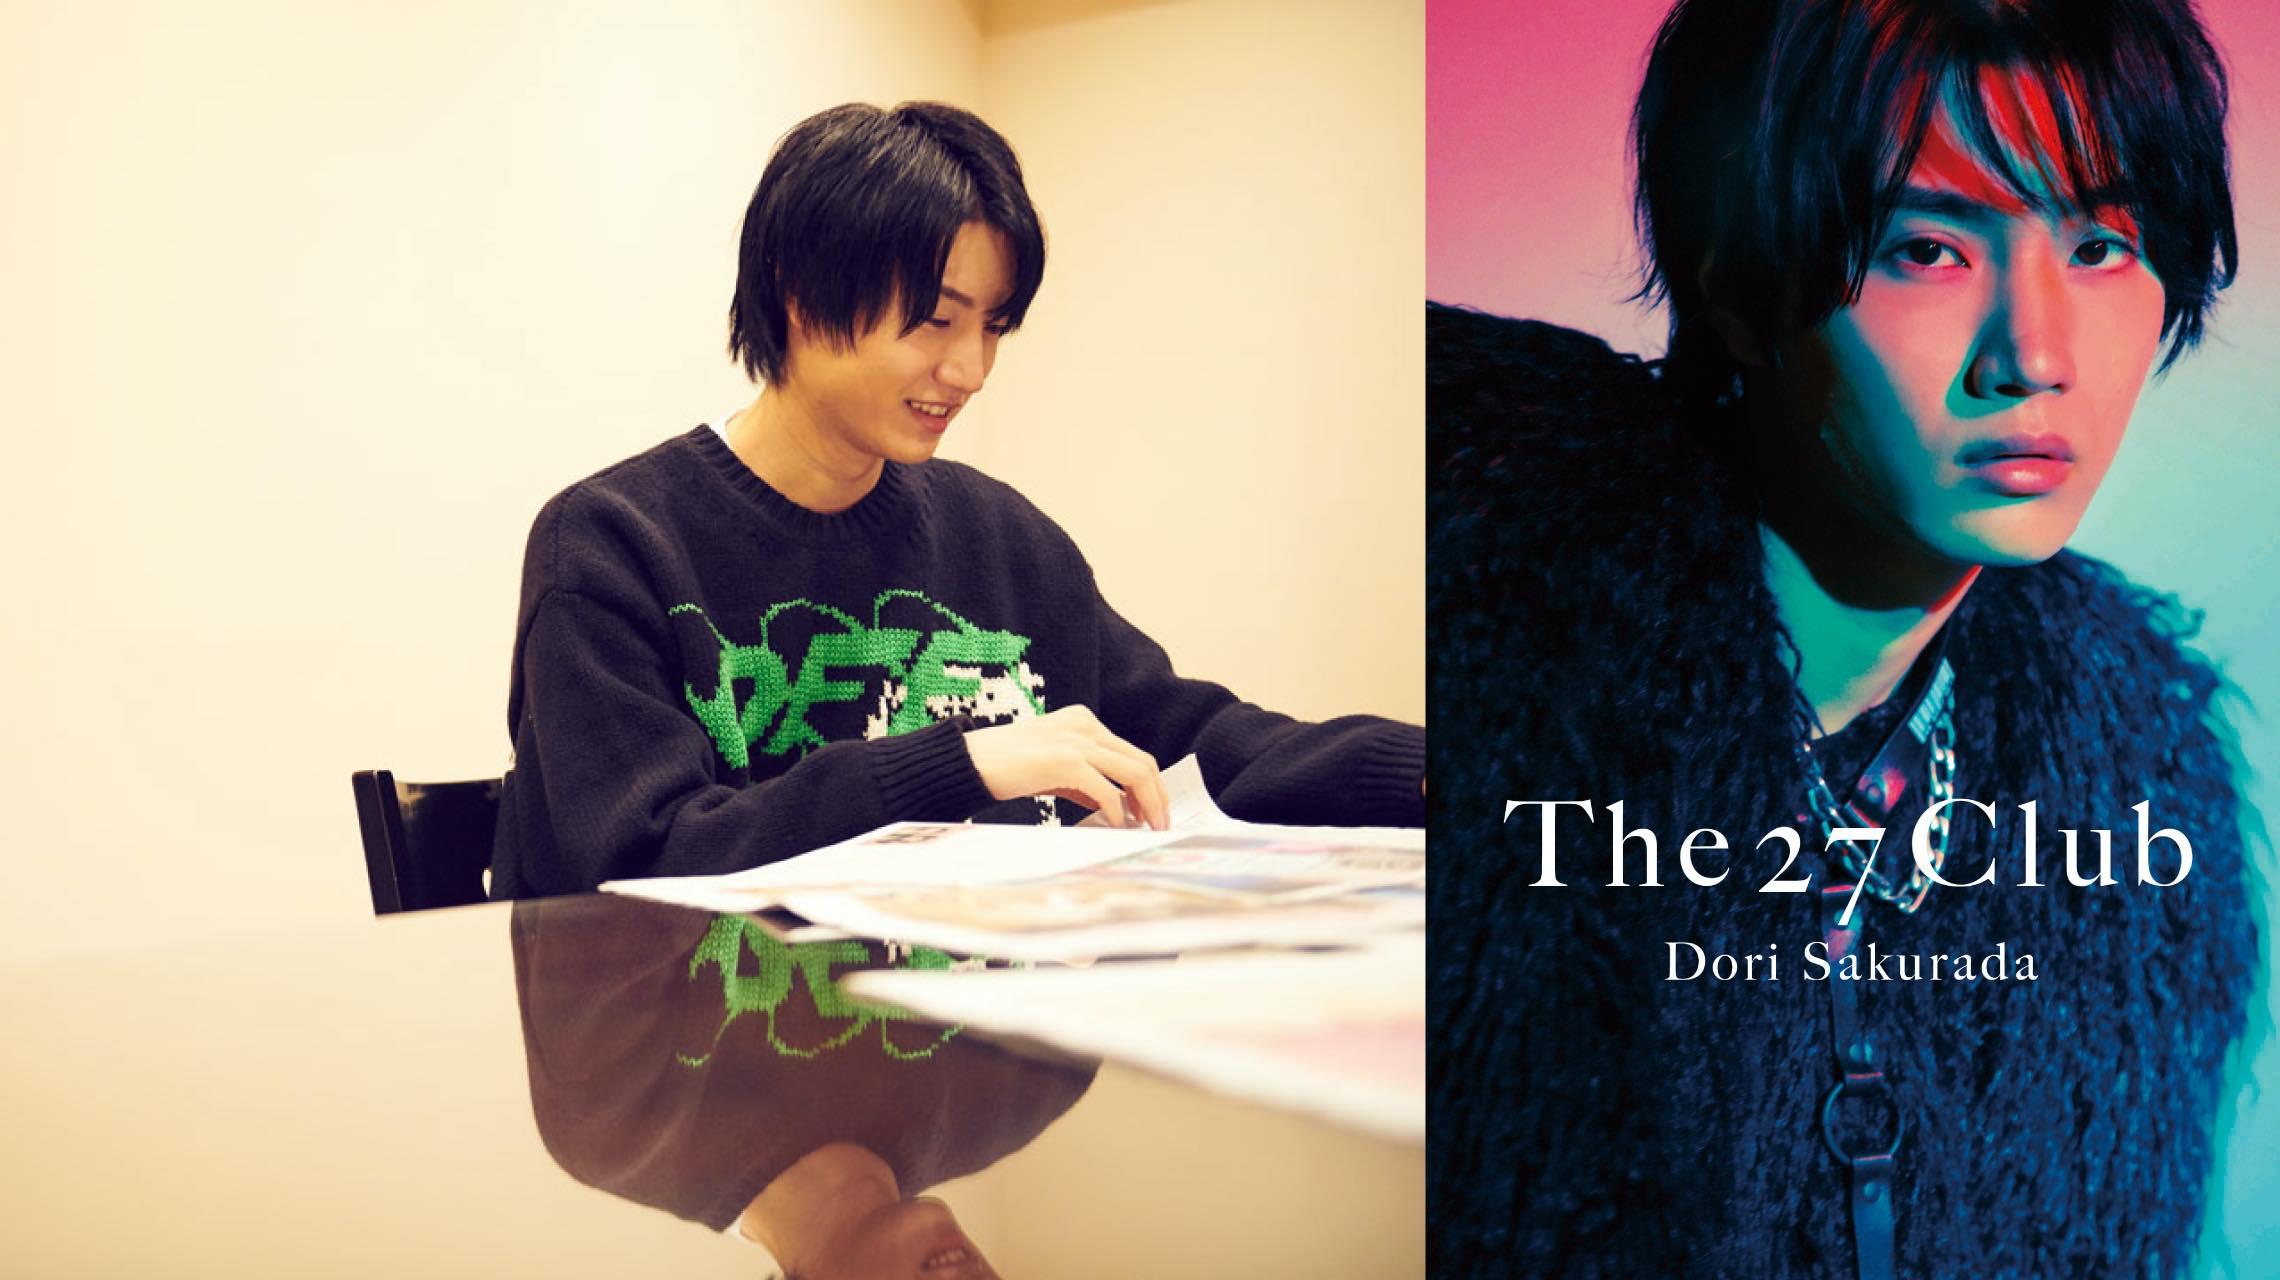 桜田通の現在形。写真集『The 27 Club』に込めた27歳の終わり